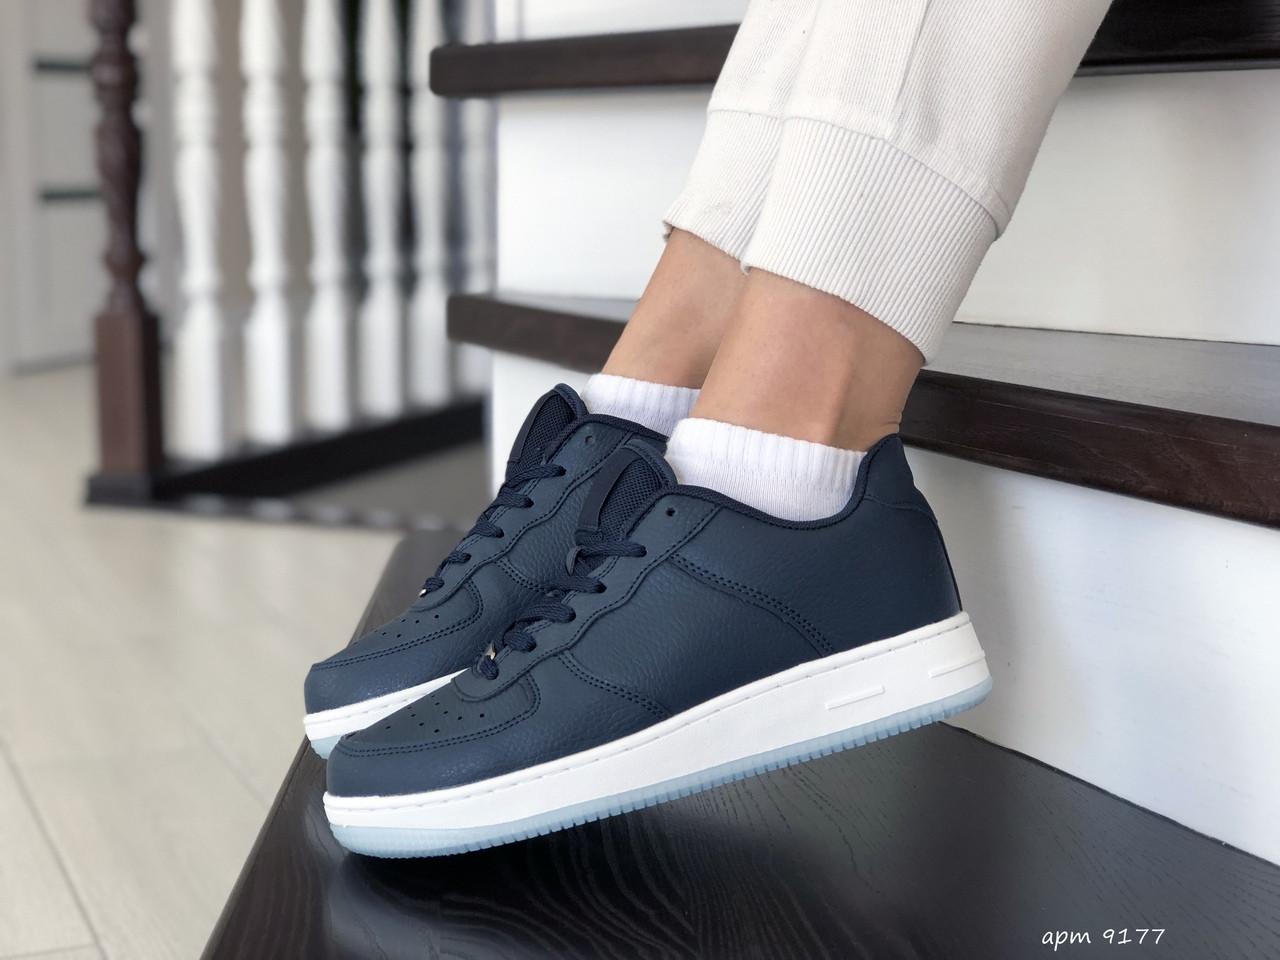 Жіночі шкіряні кросівки Force (темно-сині) 9177